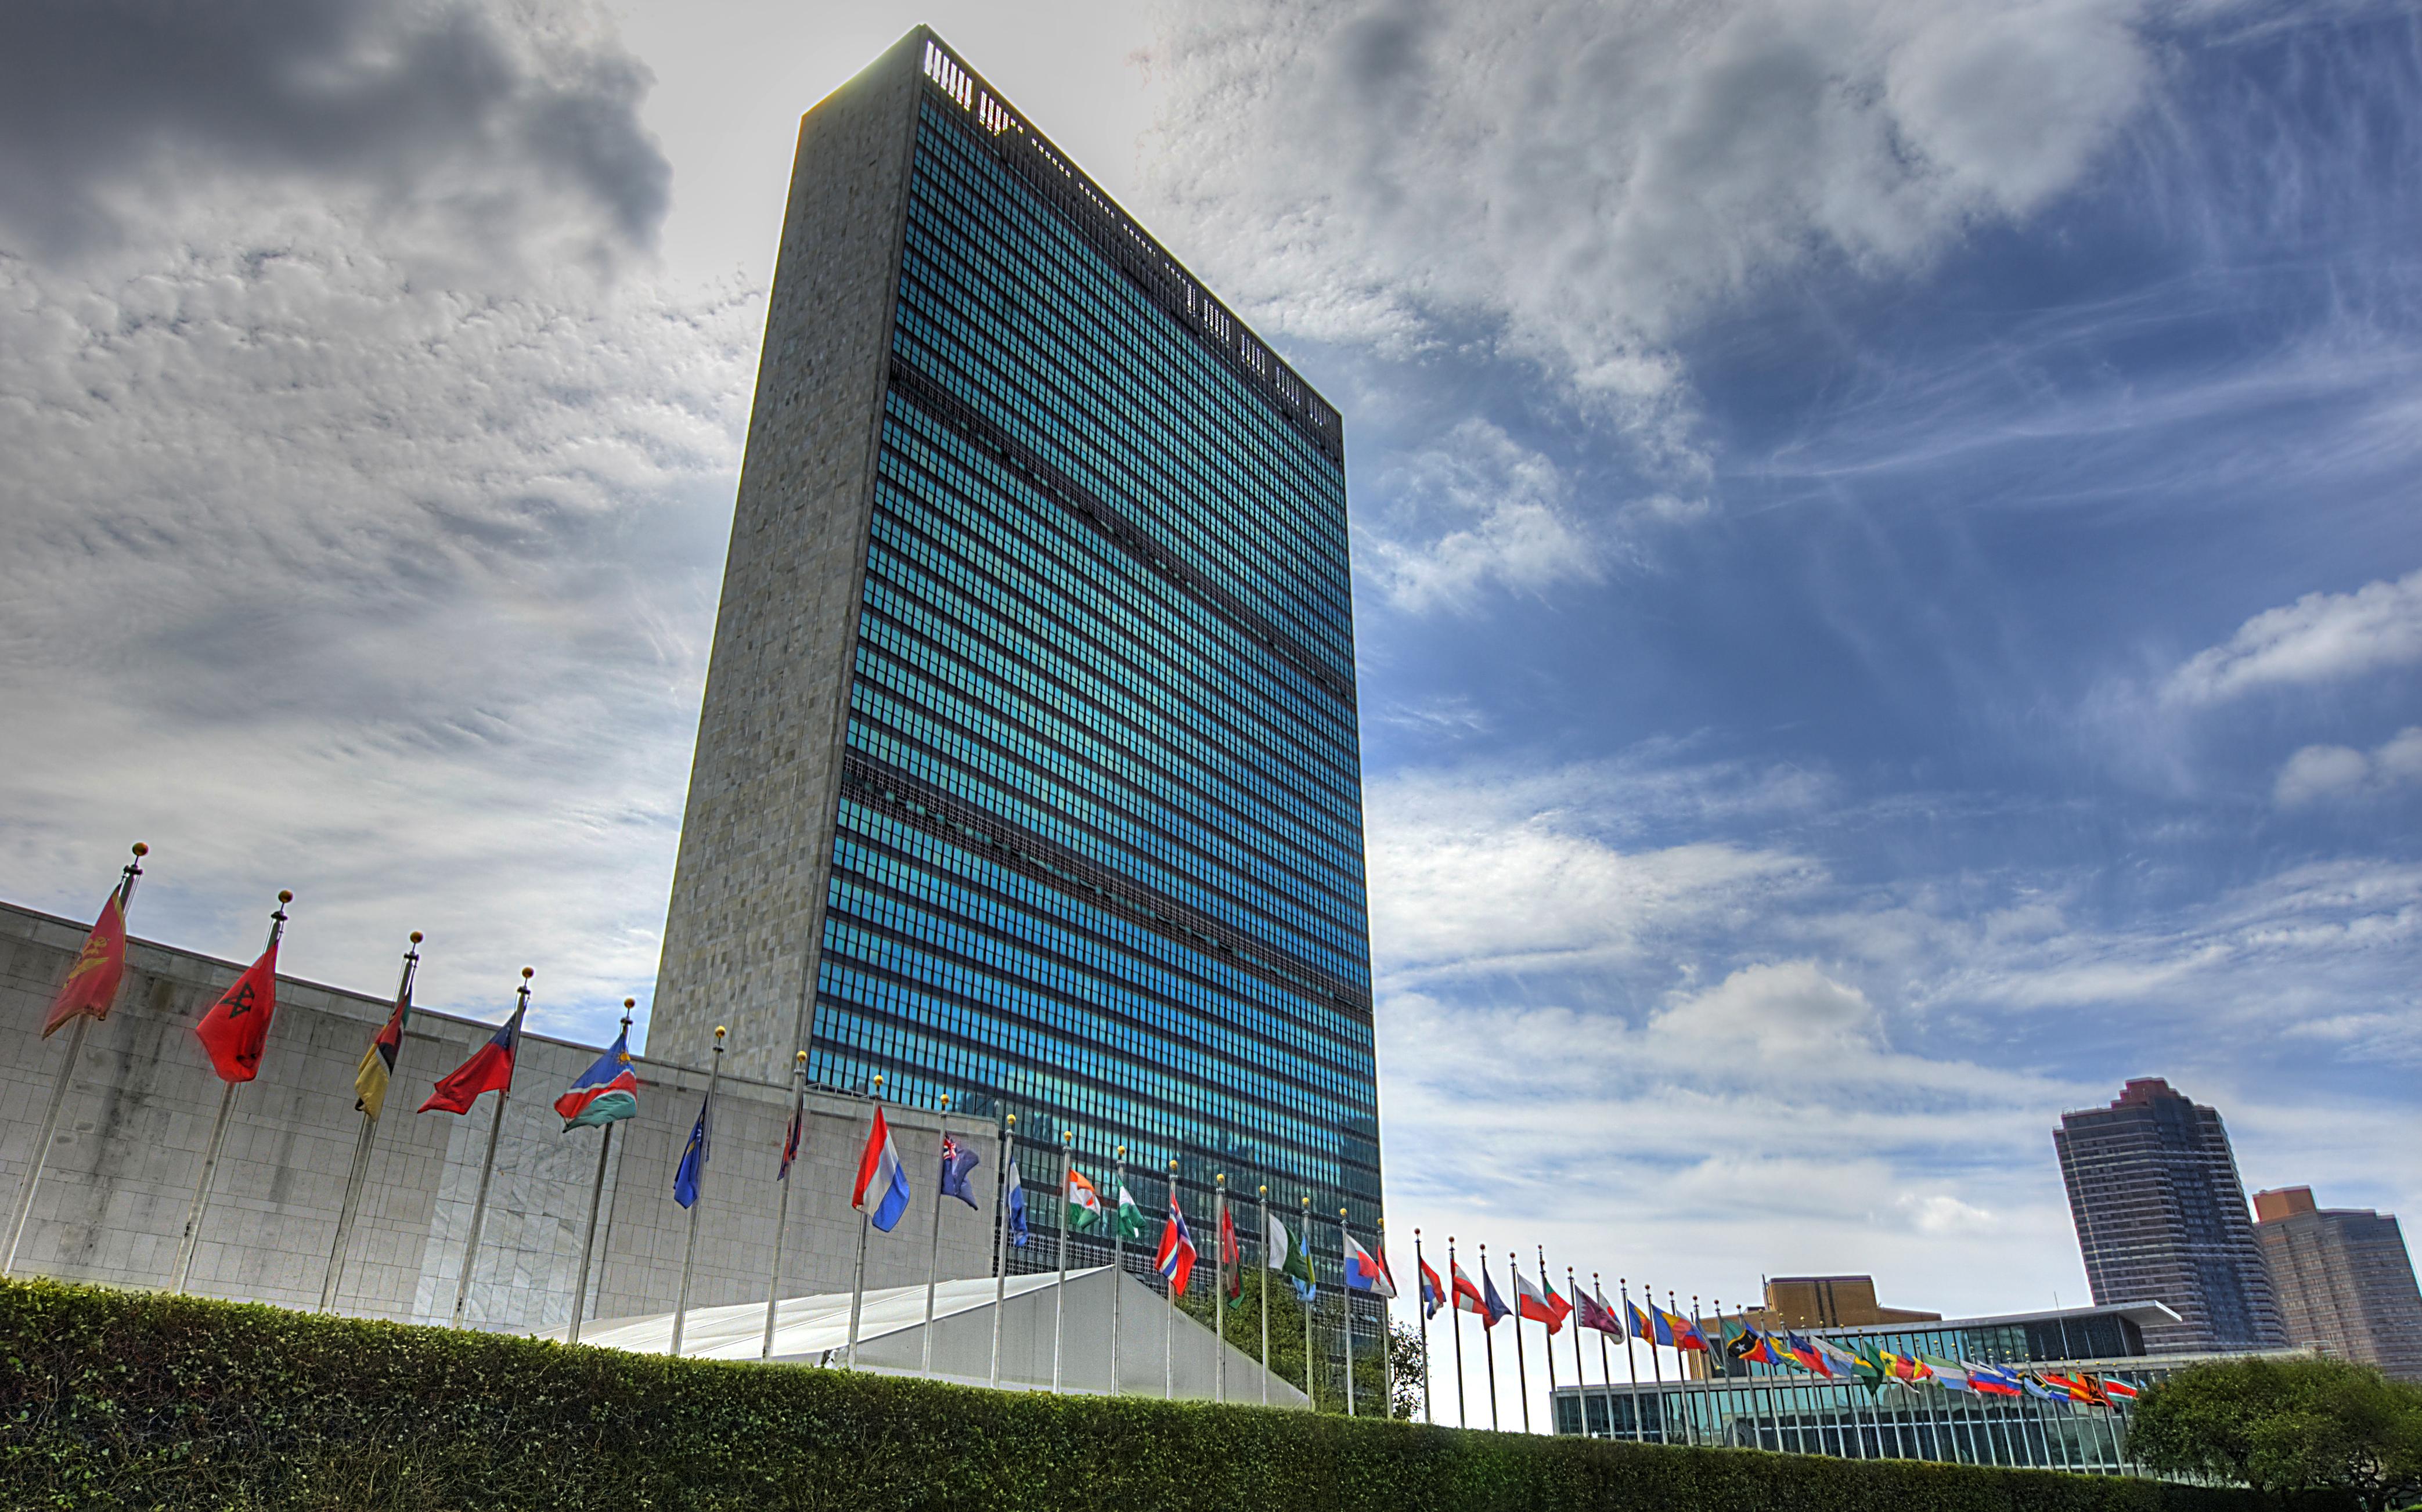 ՄԱԿ-ի խոշոր «մատակարարներն» են ԱՄՆ-ն, Հնդկաստանն ու Արաբական Միացյալ էմիրությունները